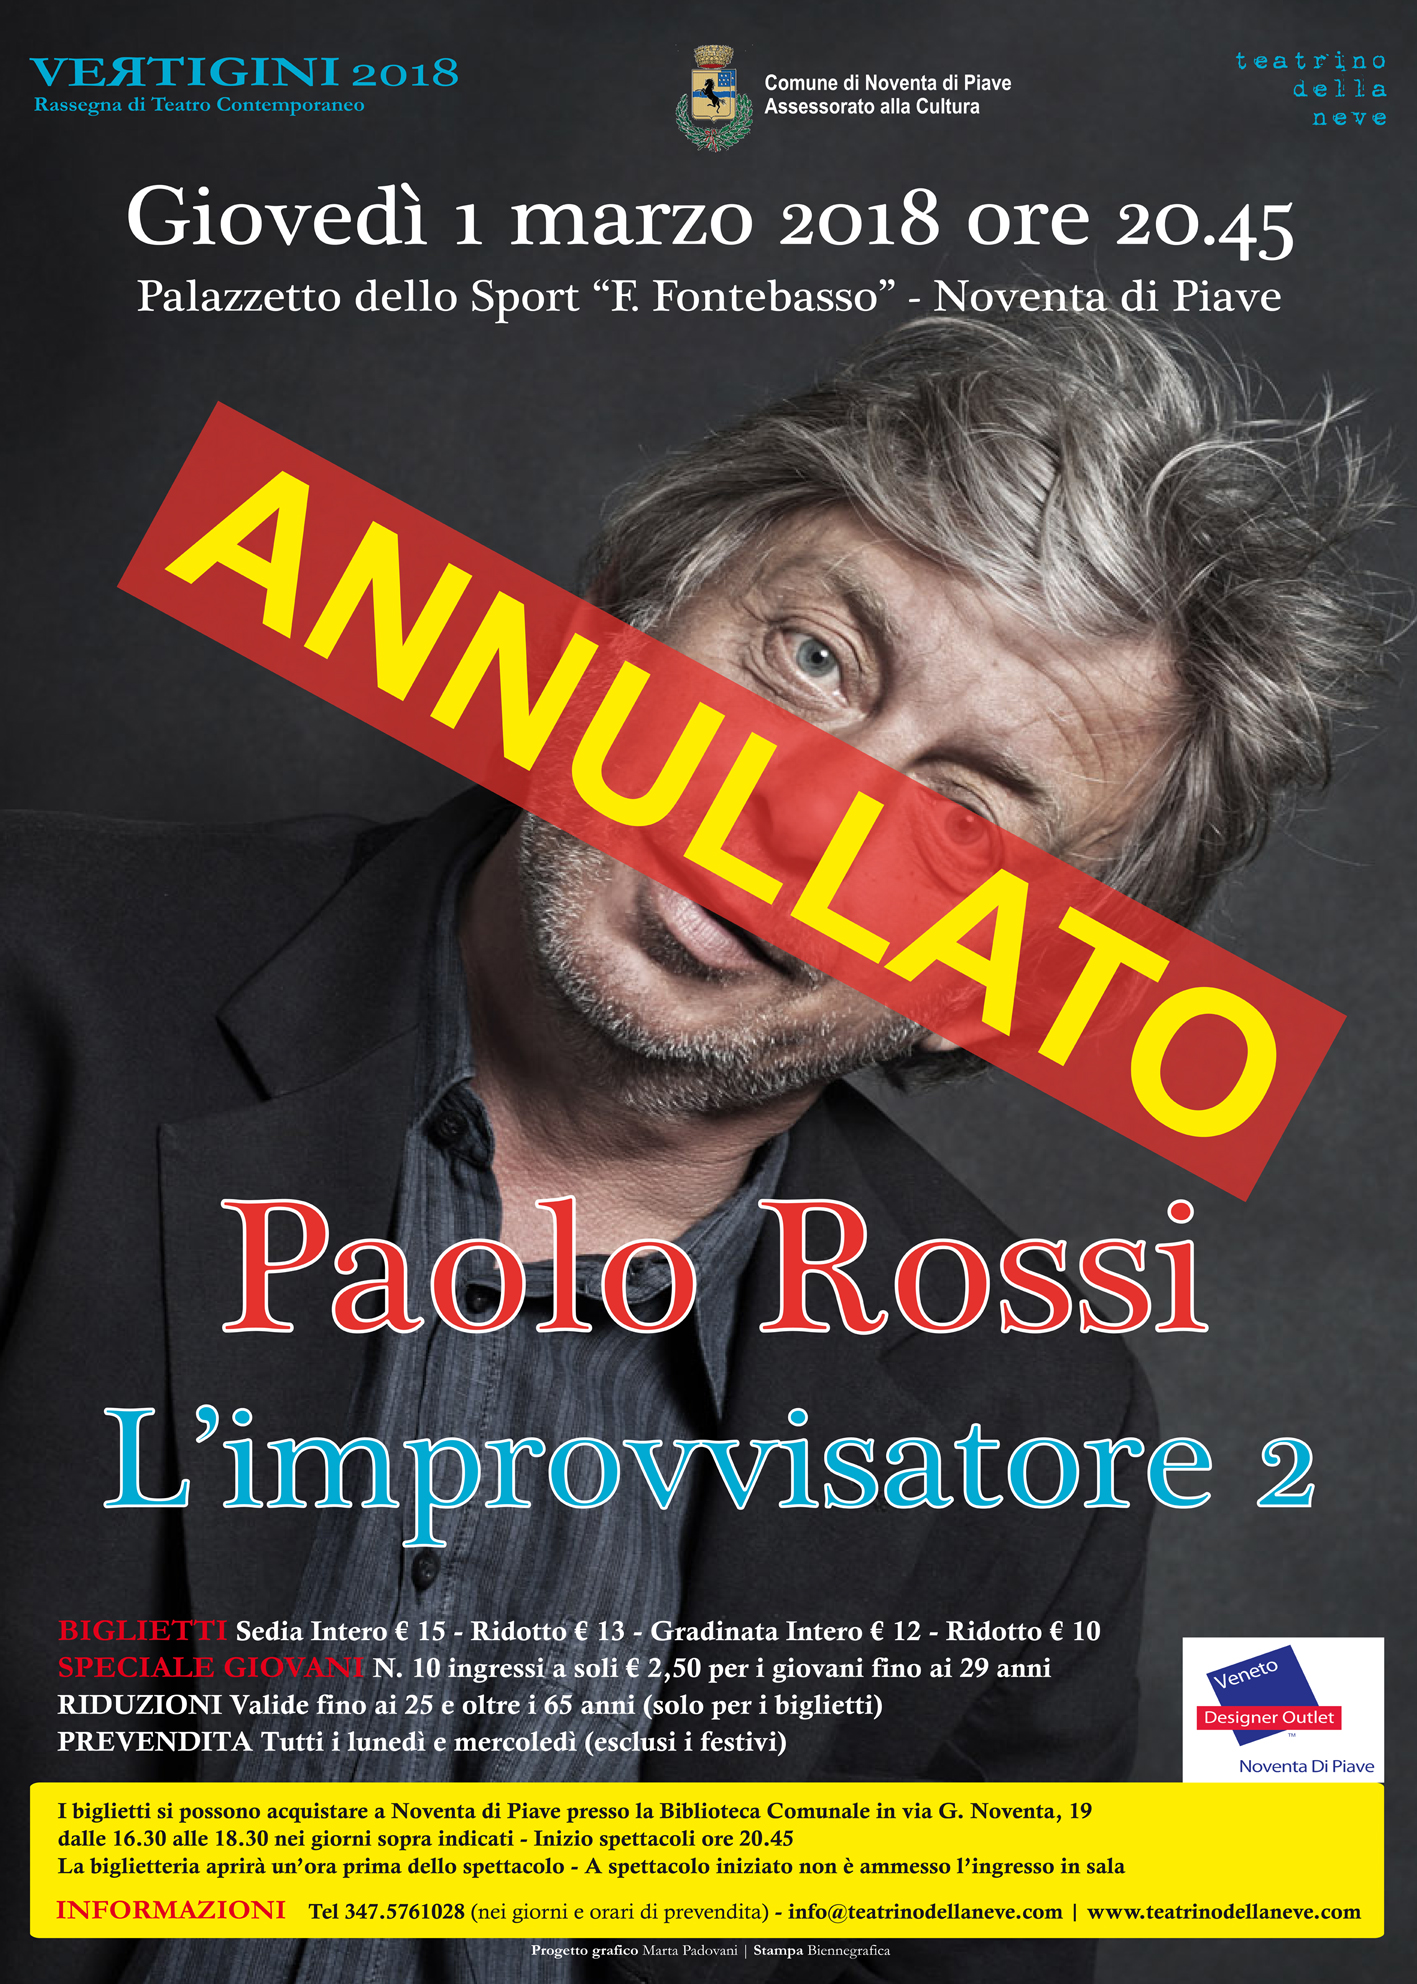 ANNULLATO Paolo Rossi in L\'IMPROVVISATORE 2 - www.teatrinodellaneve.com